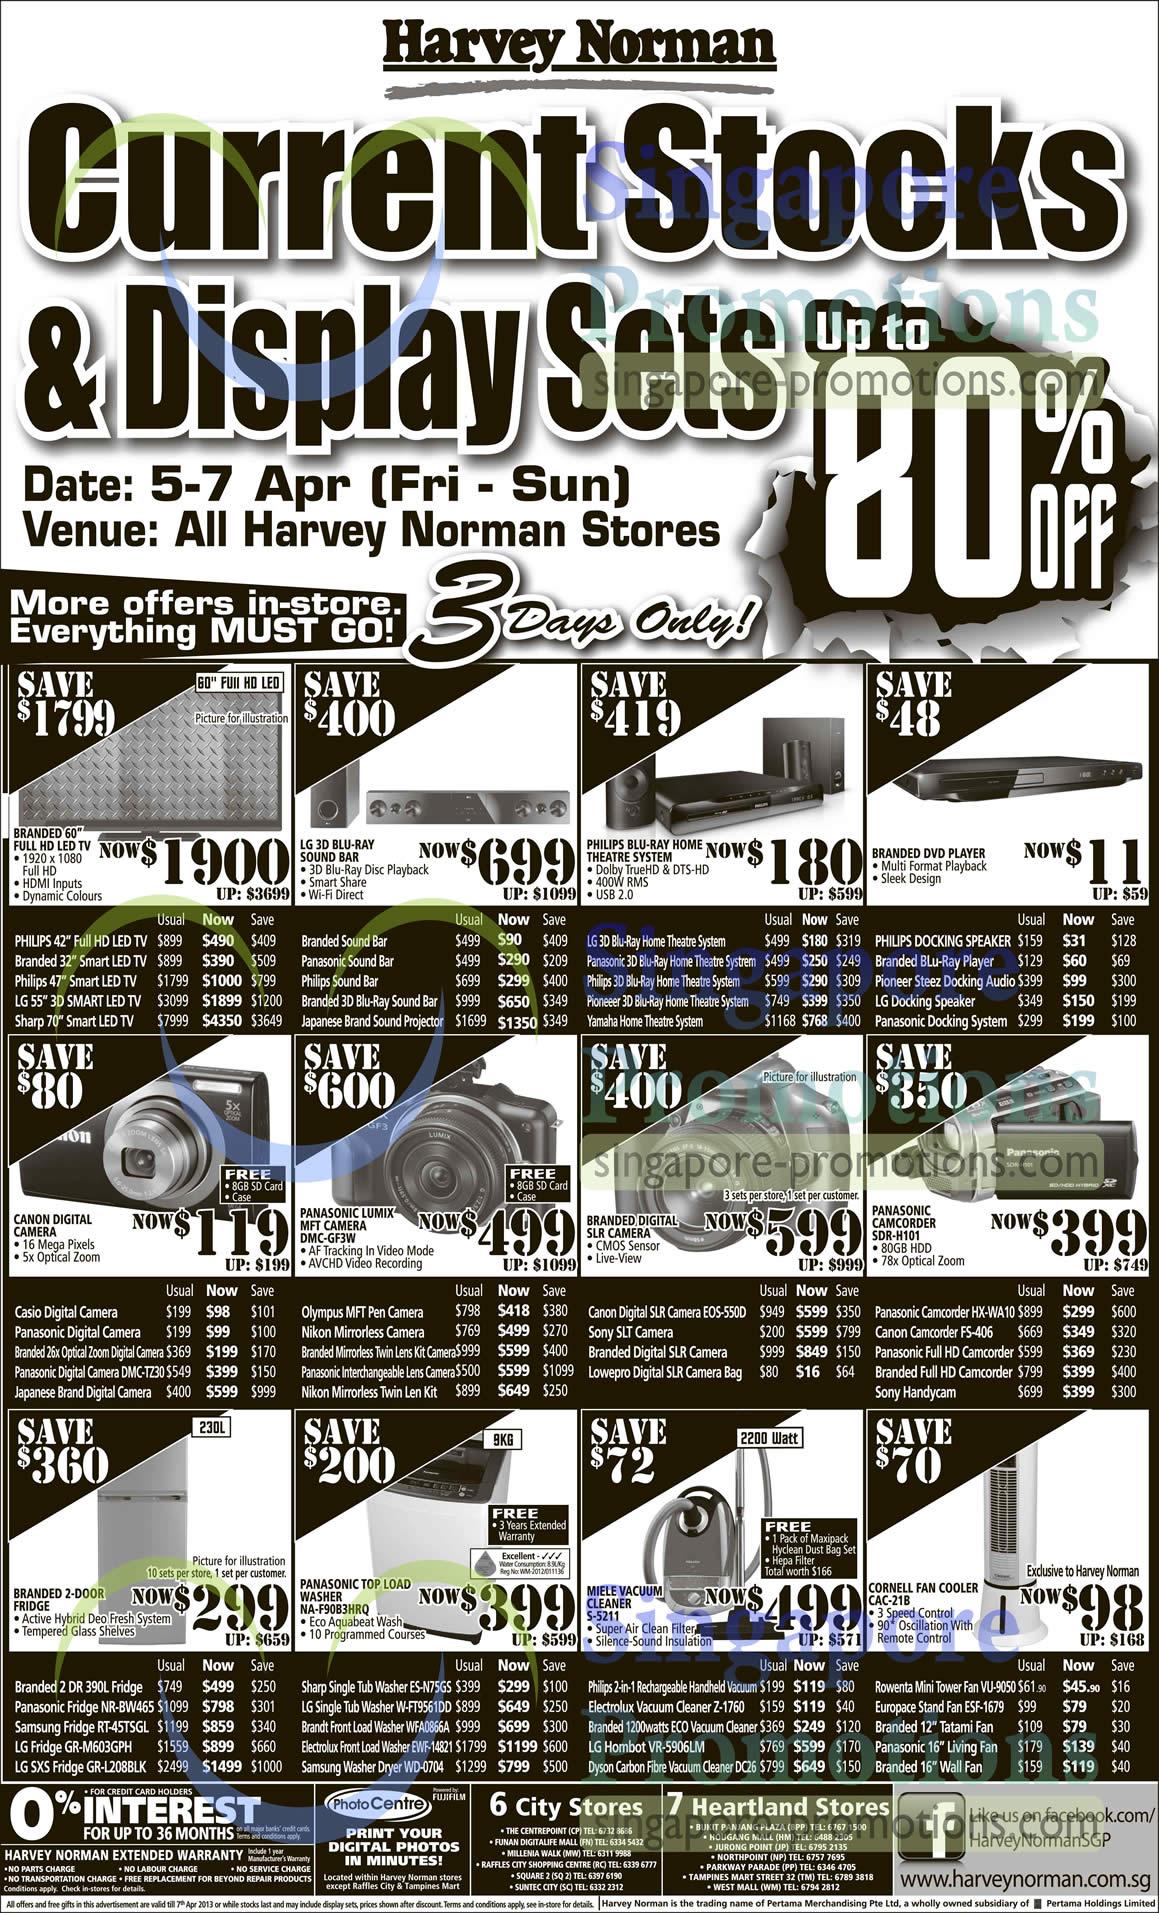 Panasonic Lumix DMC-TZ30 Digital Camera, Olympus MFT Pen Digital Camera, Canon EOS 550D DSLR Digital Camera, Panasonic HX-WA10 Digital Camcorder, Canon FS-406 Digital Camcorder, Panasonic NR-BW465 Fridge, Samsung RT-45TSGL Fridge, LG GR-M603GPH Fridge, LG GR-L208BLK SXS Fridge, Sharp ES-N75GS Washer, LG W-FT9561DD Washer, Brandt WFA0866A Washer, Electrolux EWF-14821 Washer, Samsung WD-0704 Washer, Electrolux Z-1760 Vacuum Cleaner, Dyson DC26 Vacuum Cleaner, Rowenta VU-9050 Tower Fan, EuropAce ESF-1679 Stand Fan